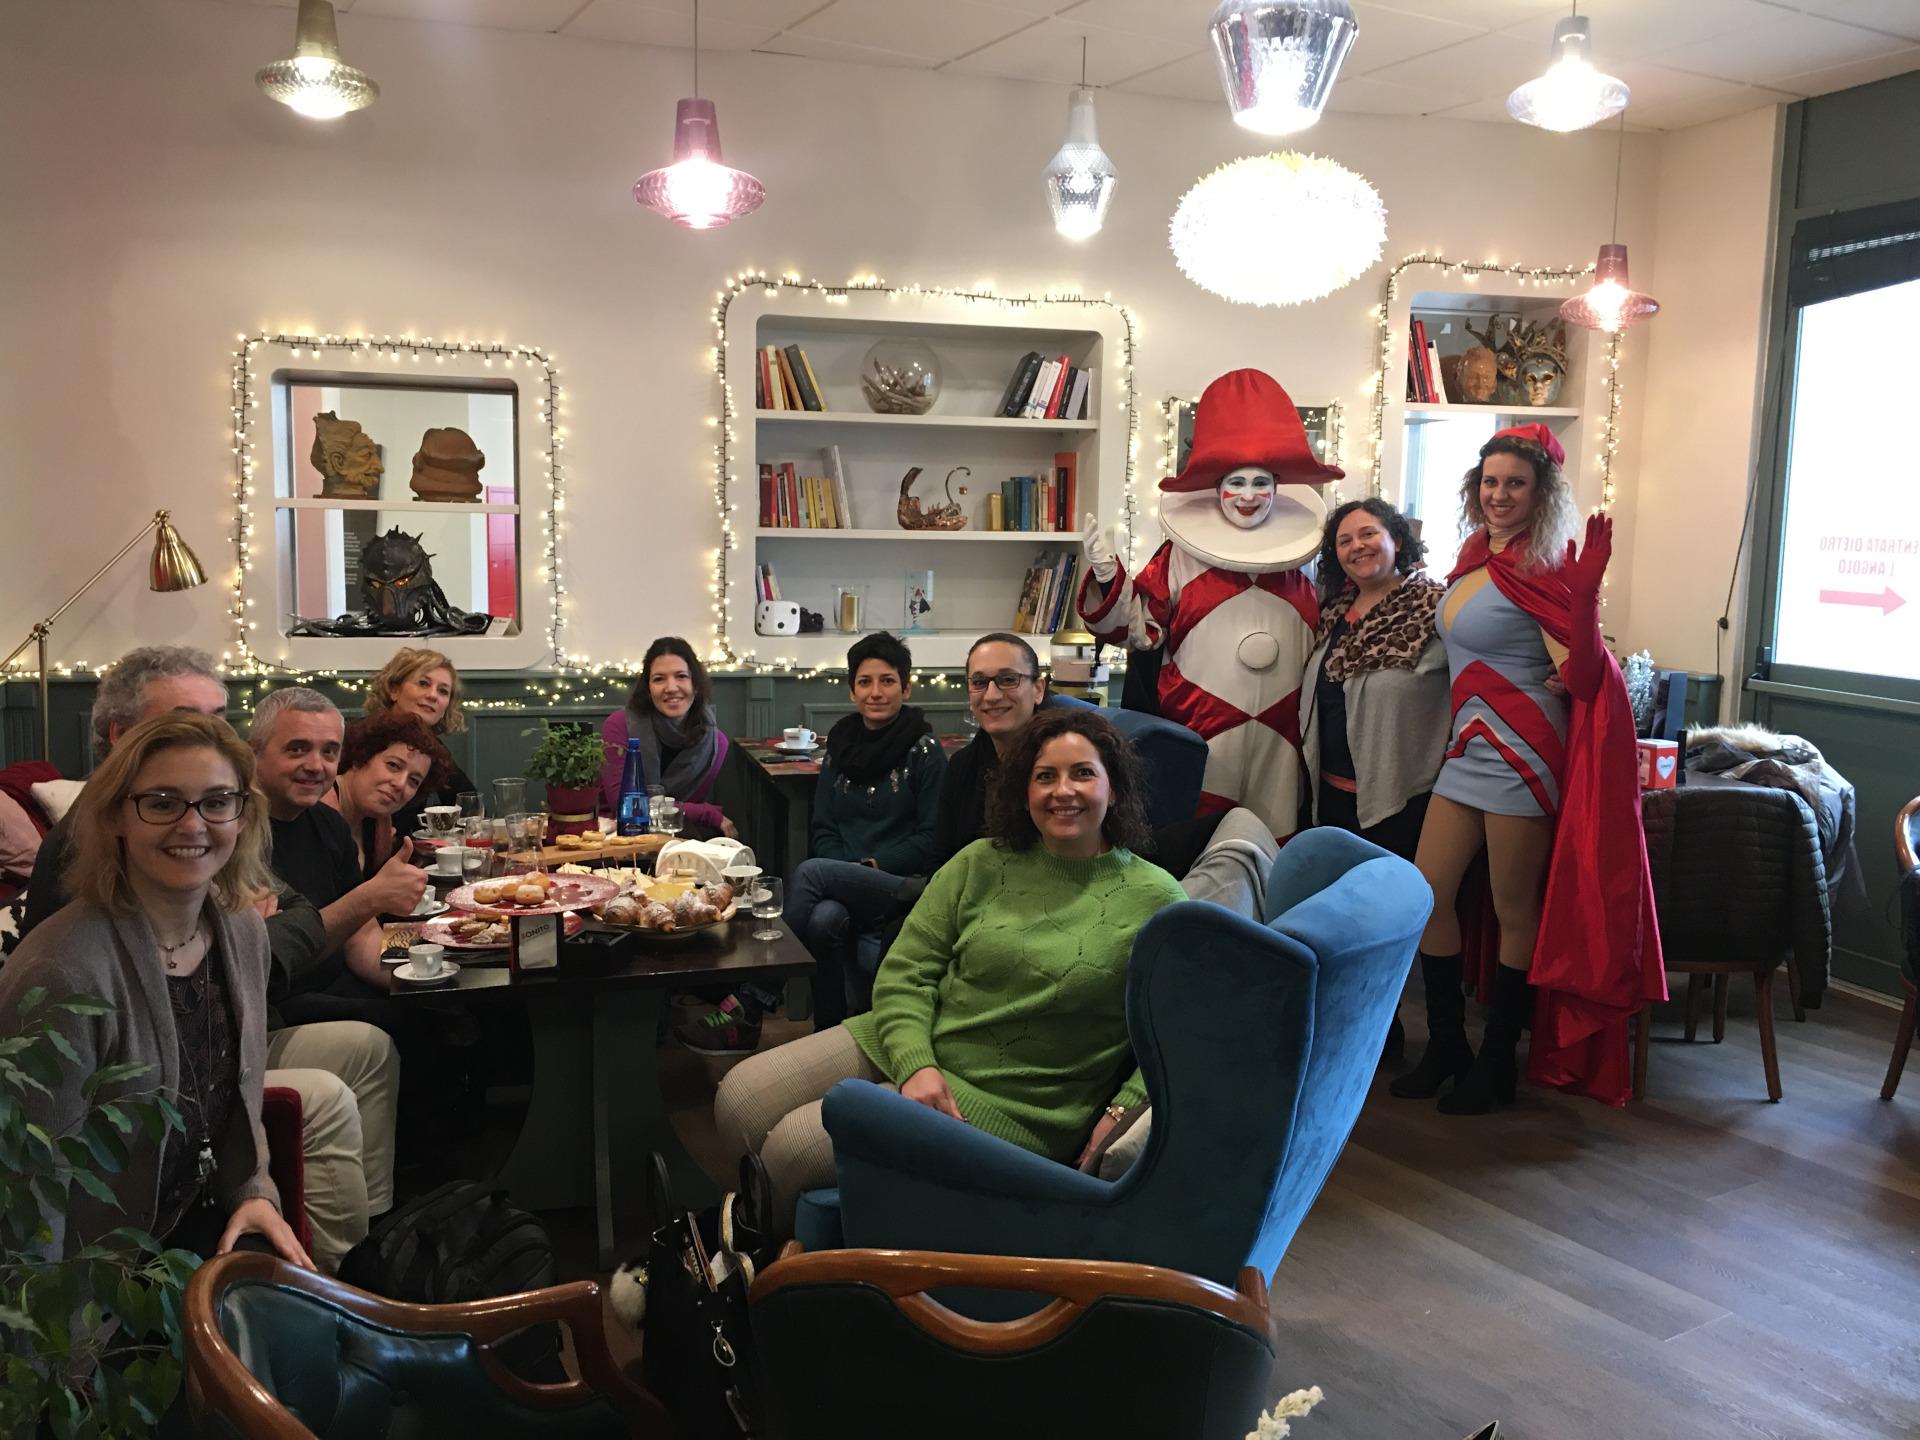 blogging breakfast di carnevale i blogger posano per una foto di rito con burlamacco e ondina